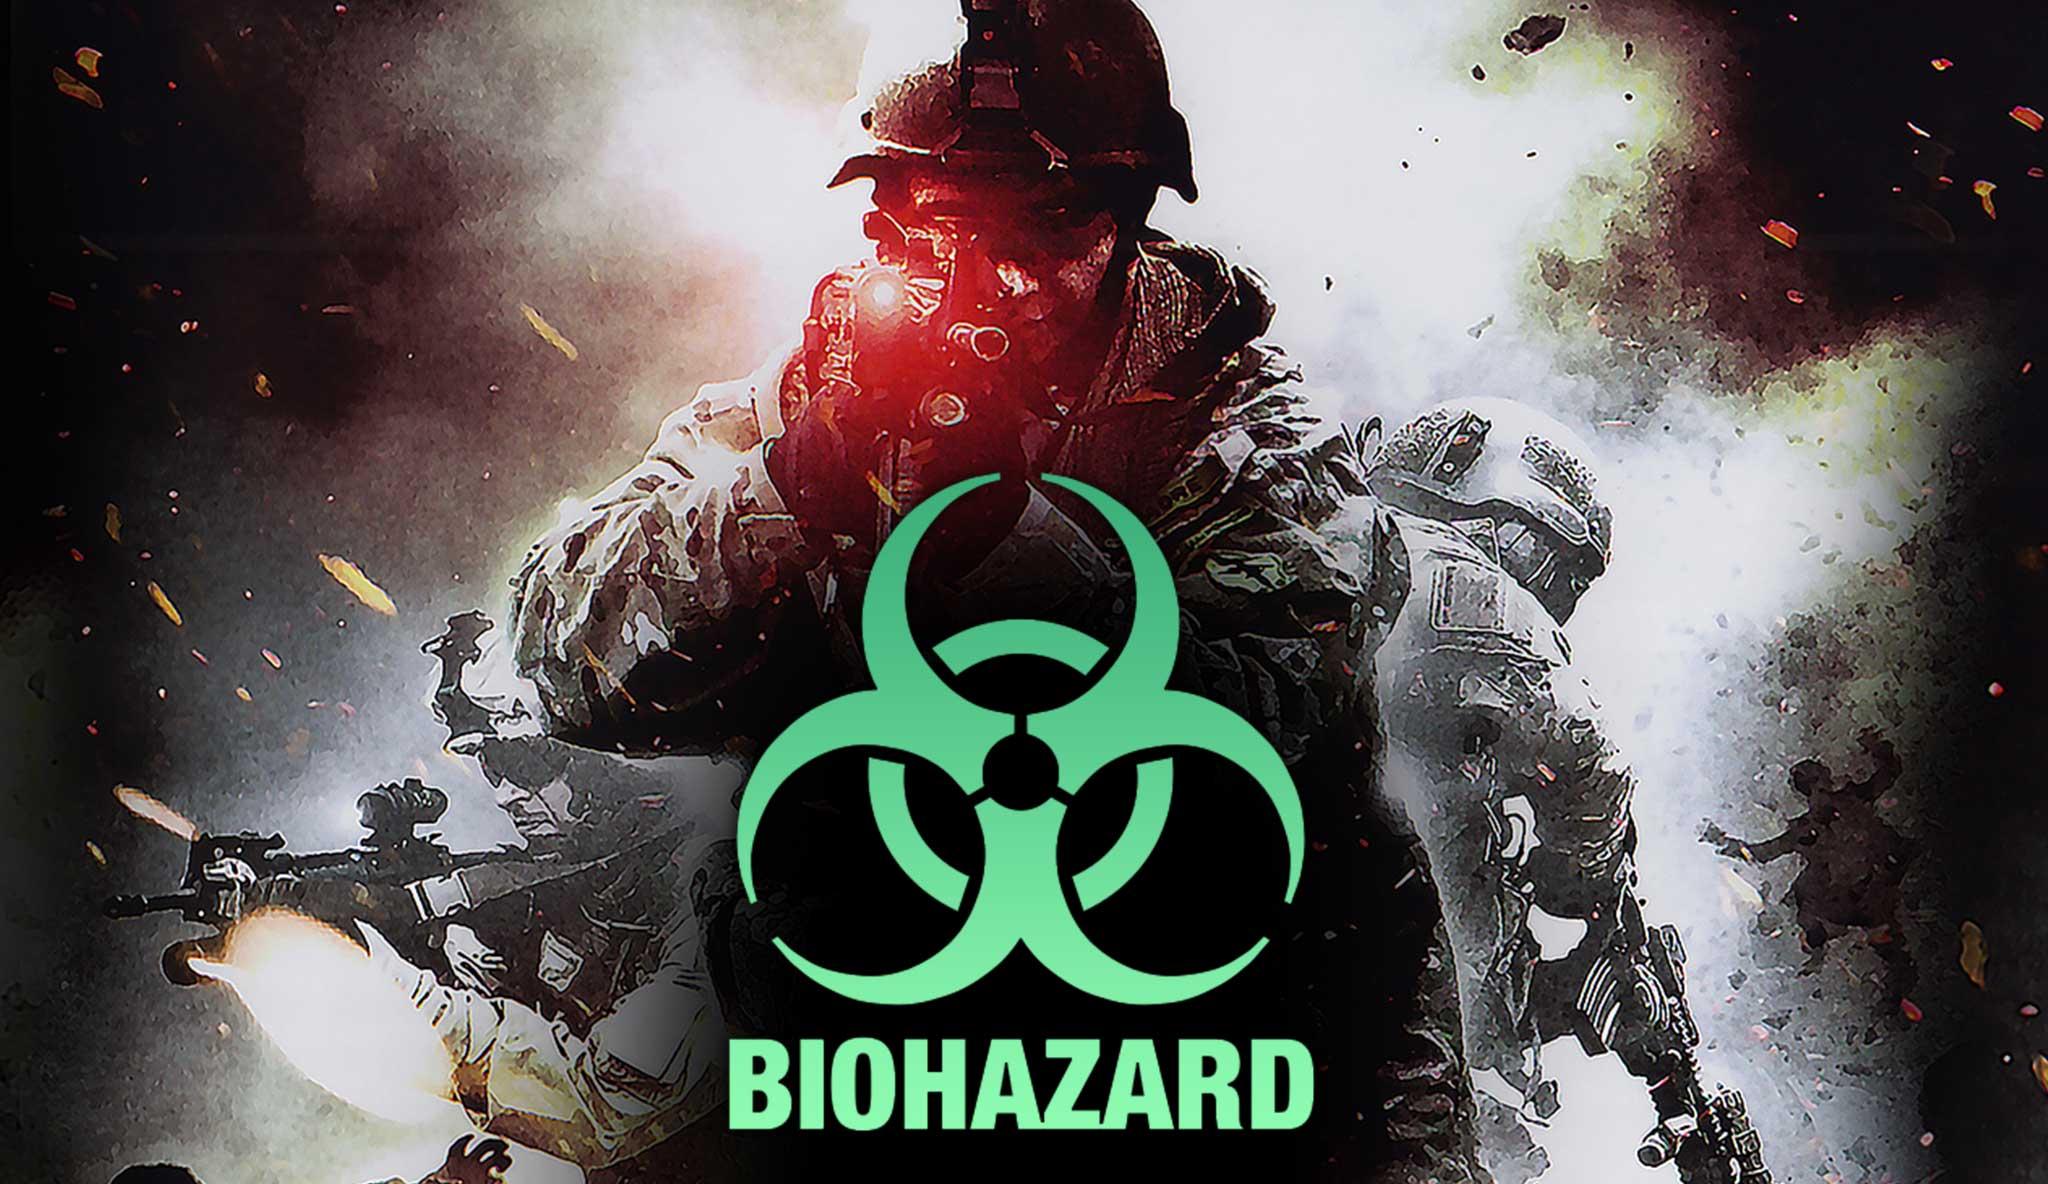 biohazard-patient-zero\header.jpg